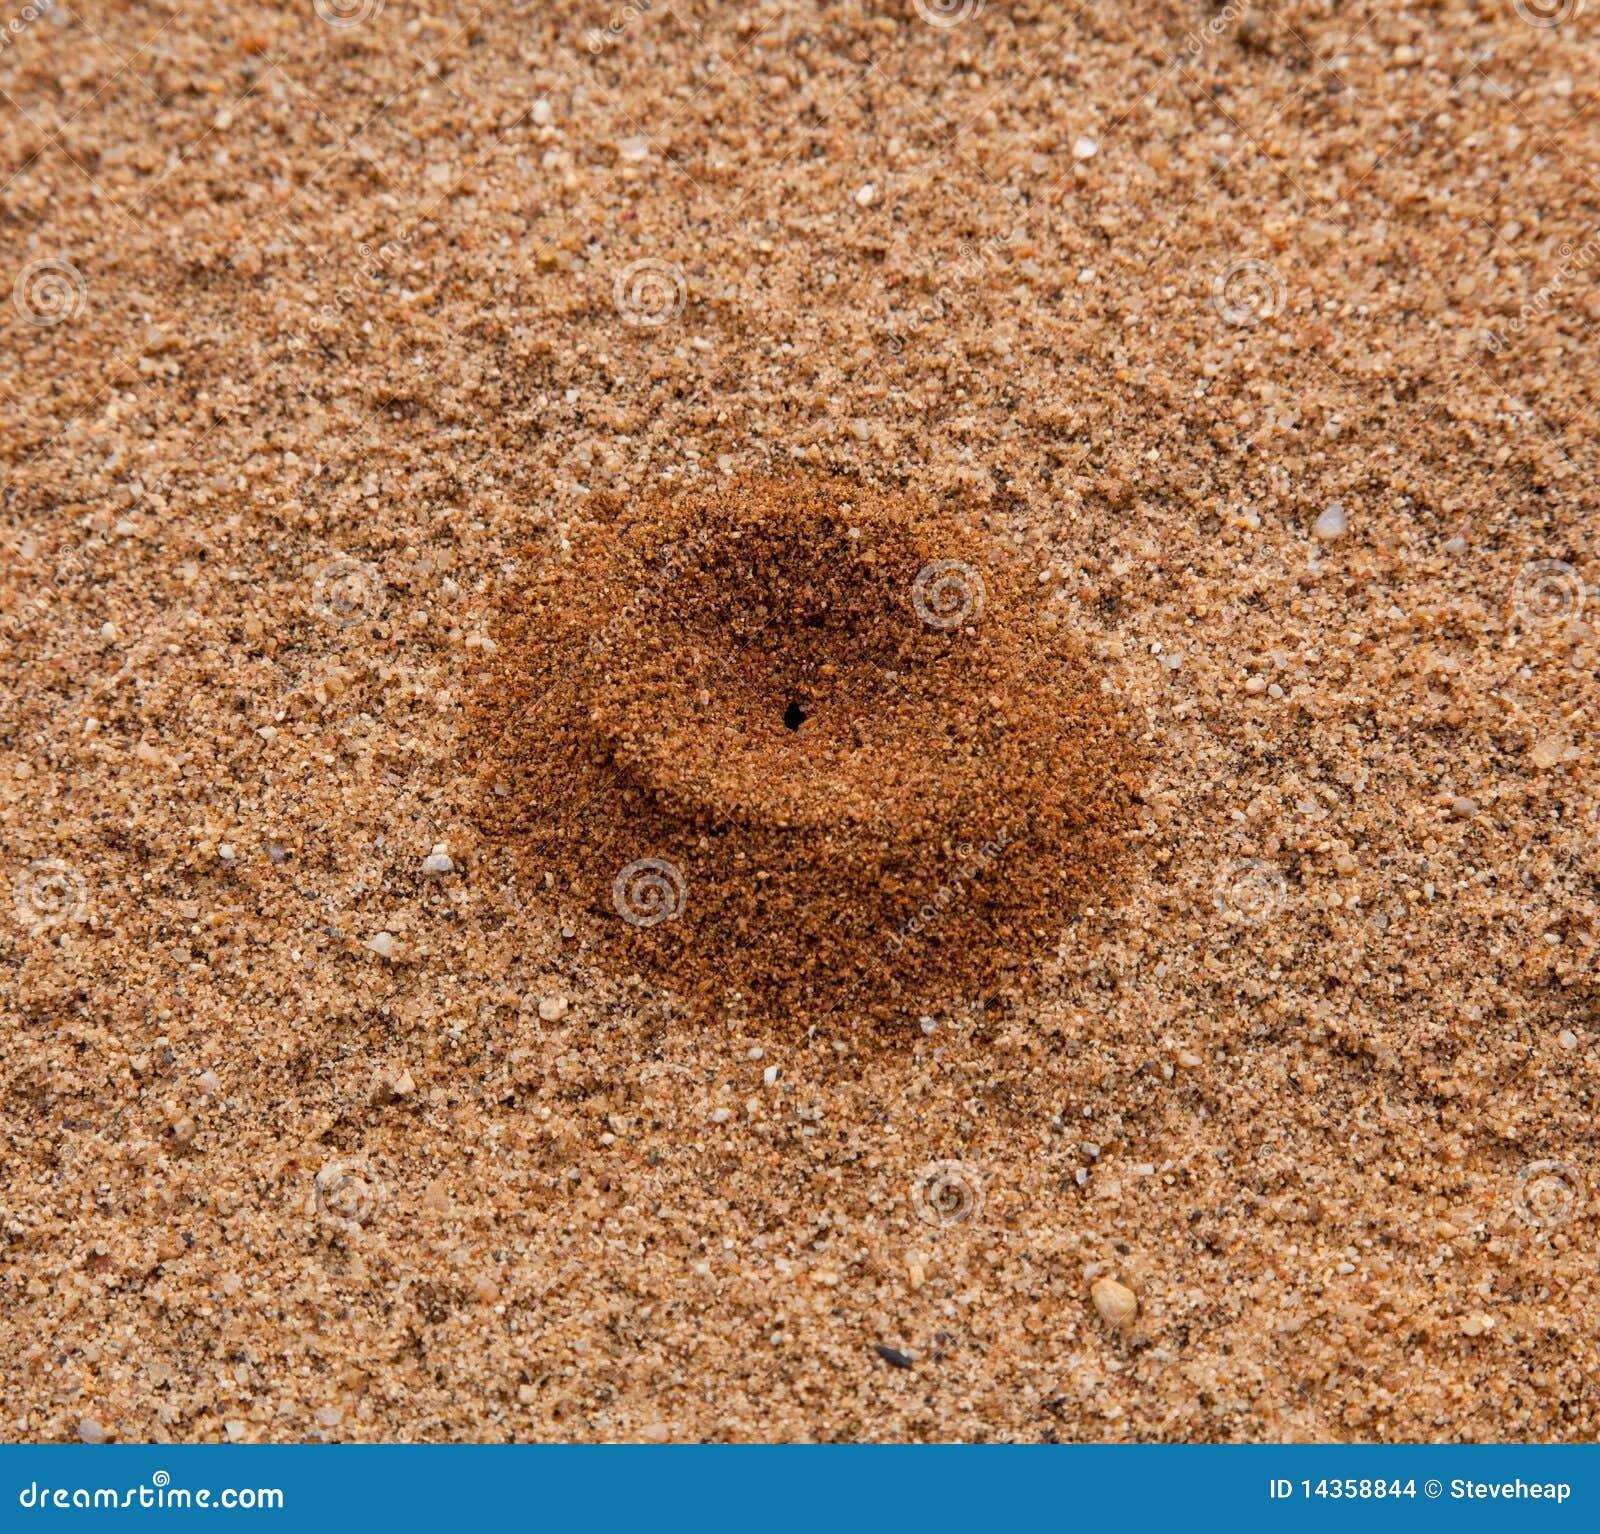 Pile of sand desert